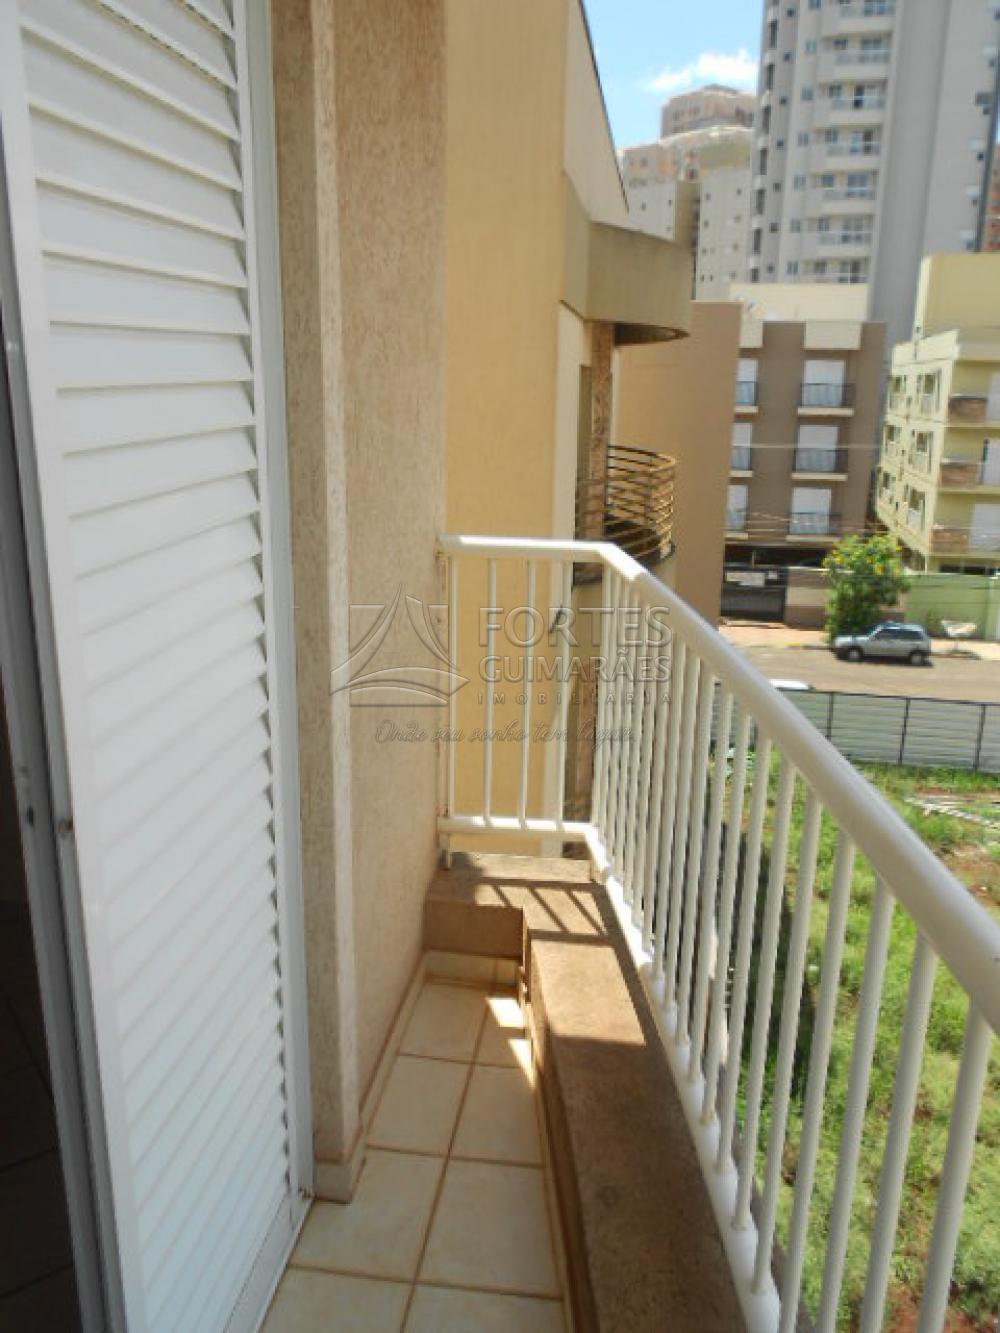 Alugar Apartamentos / Mobiliado em Ribeirão Preto apenas R$ 900,00 - Foto 13